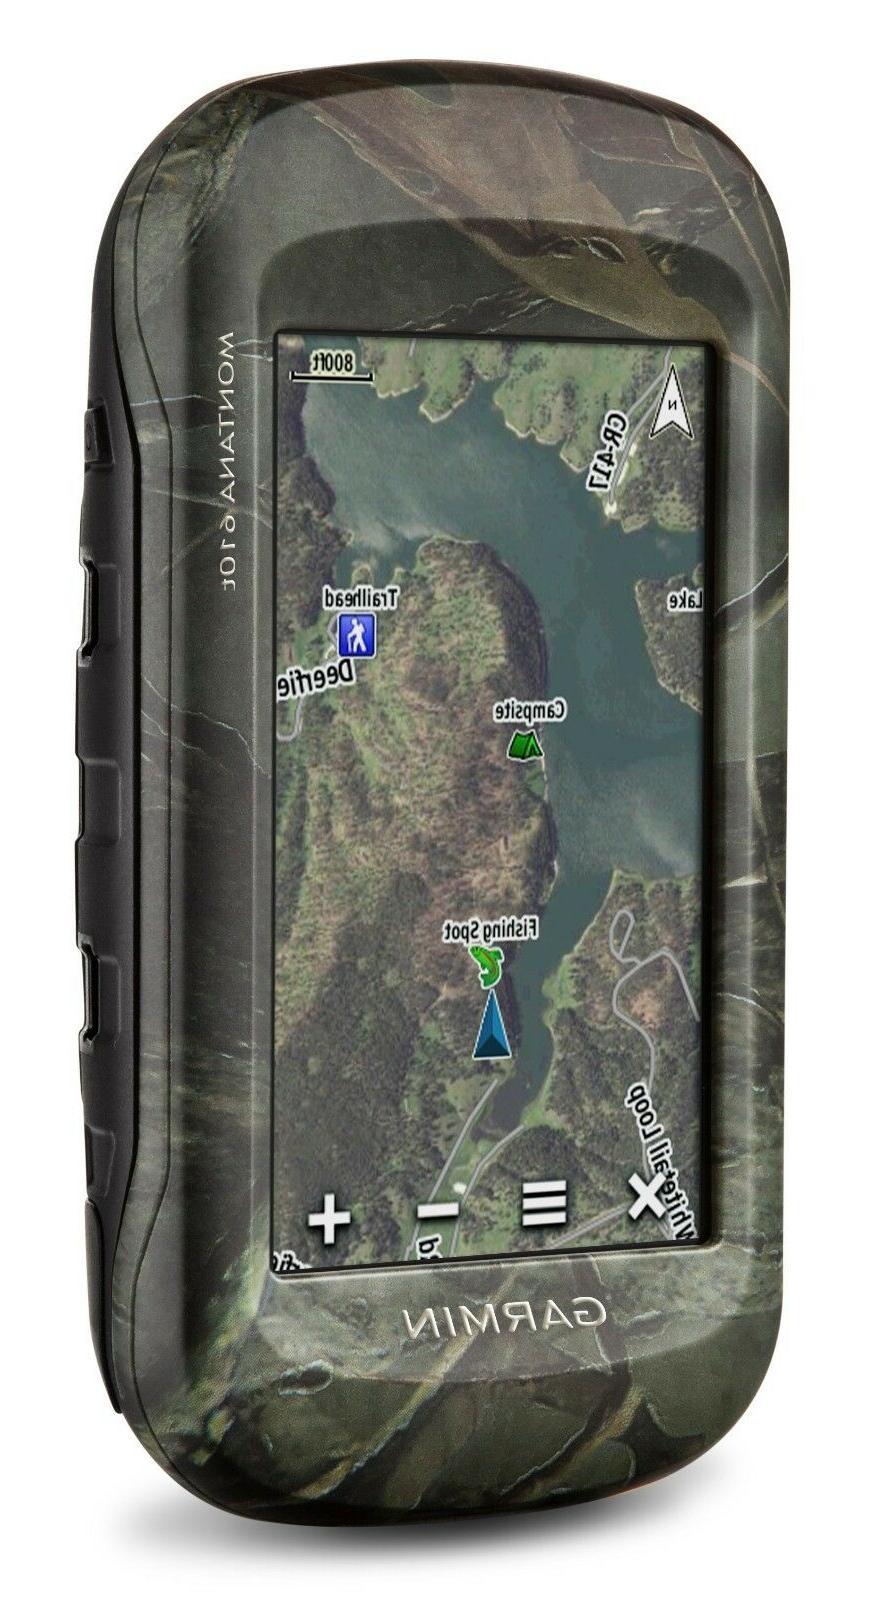 Montana 610t Camo Handheld GPS Navigator - Portable, Mountab